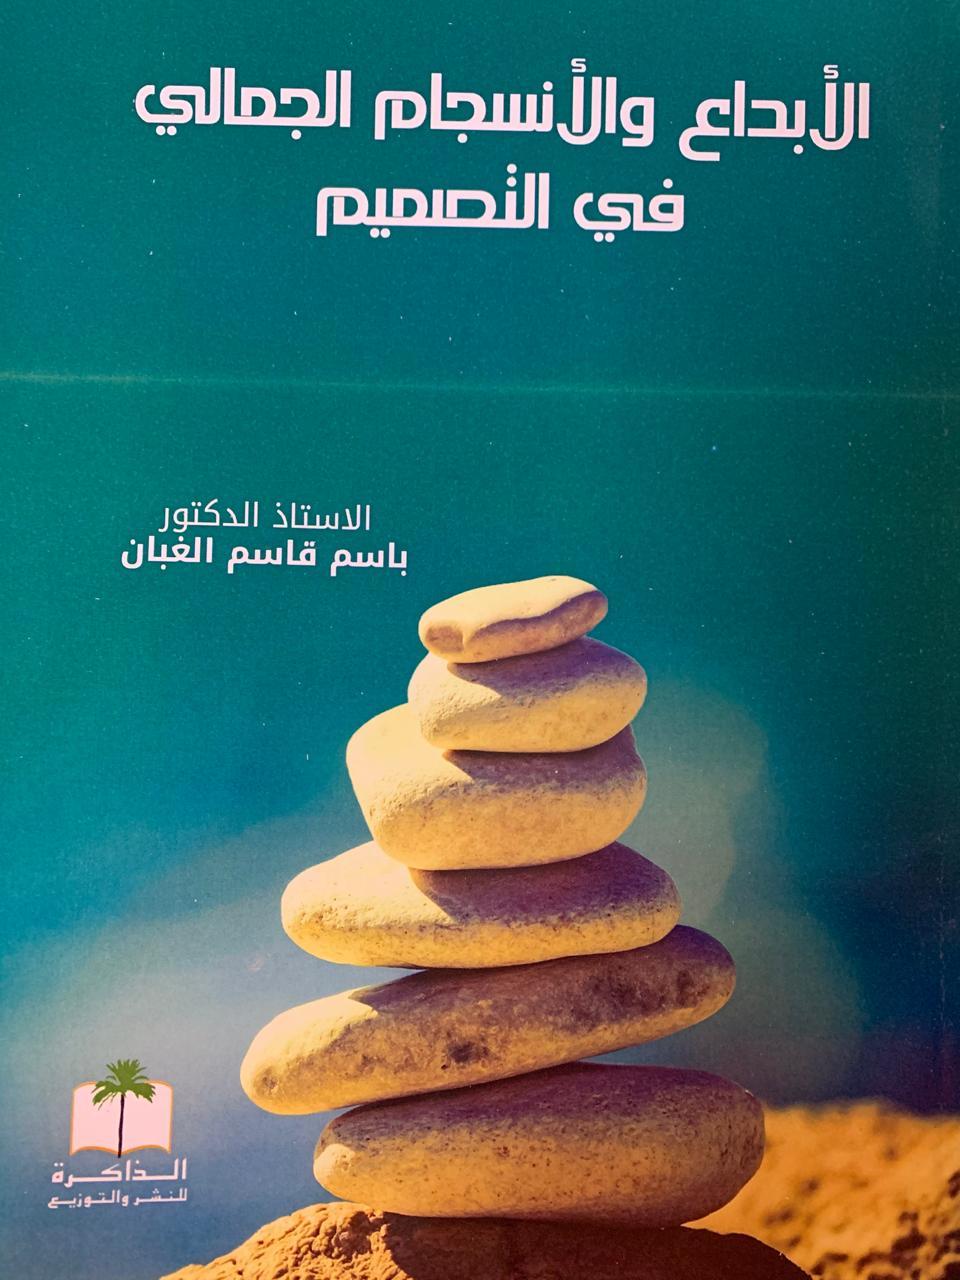 تدريسي من قسم التصميم يصدر كتابا عن الابداع والانسجام الجمالي في التصميم